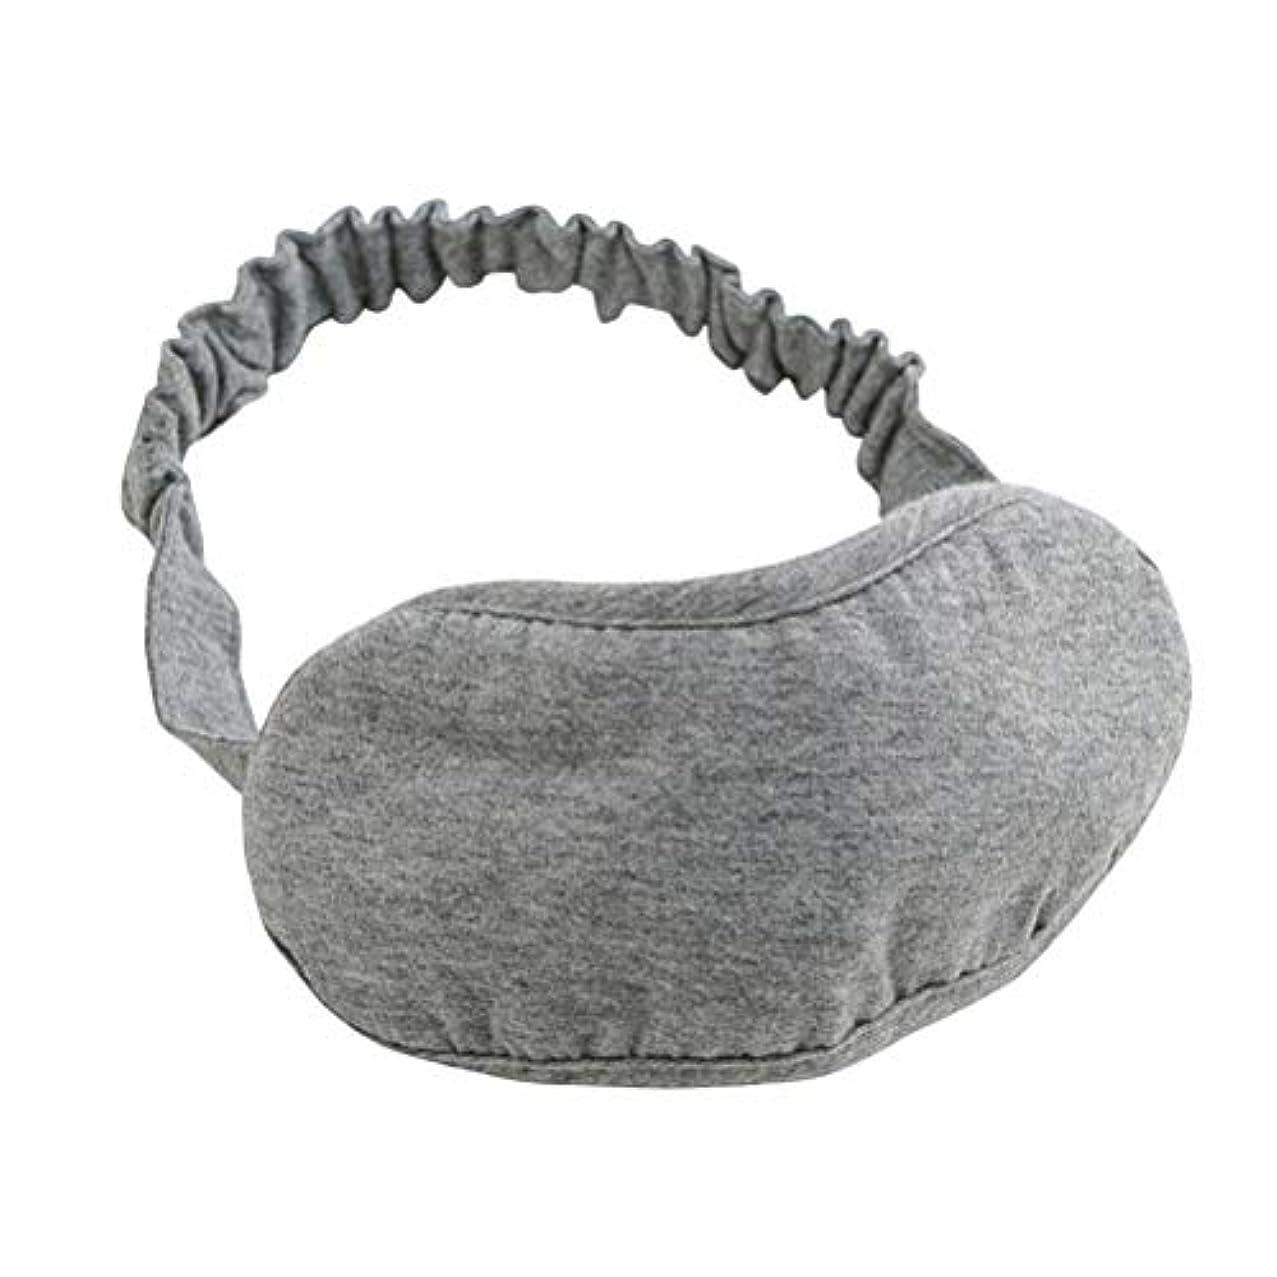 マトロン捕虜蒸留するHealifty アイマスク アイパッチ コットン 厚い ナップアイシェードカバースリーピング?ブラインドフォールズ旅行オフィス(グレー)